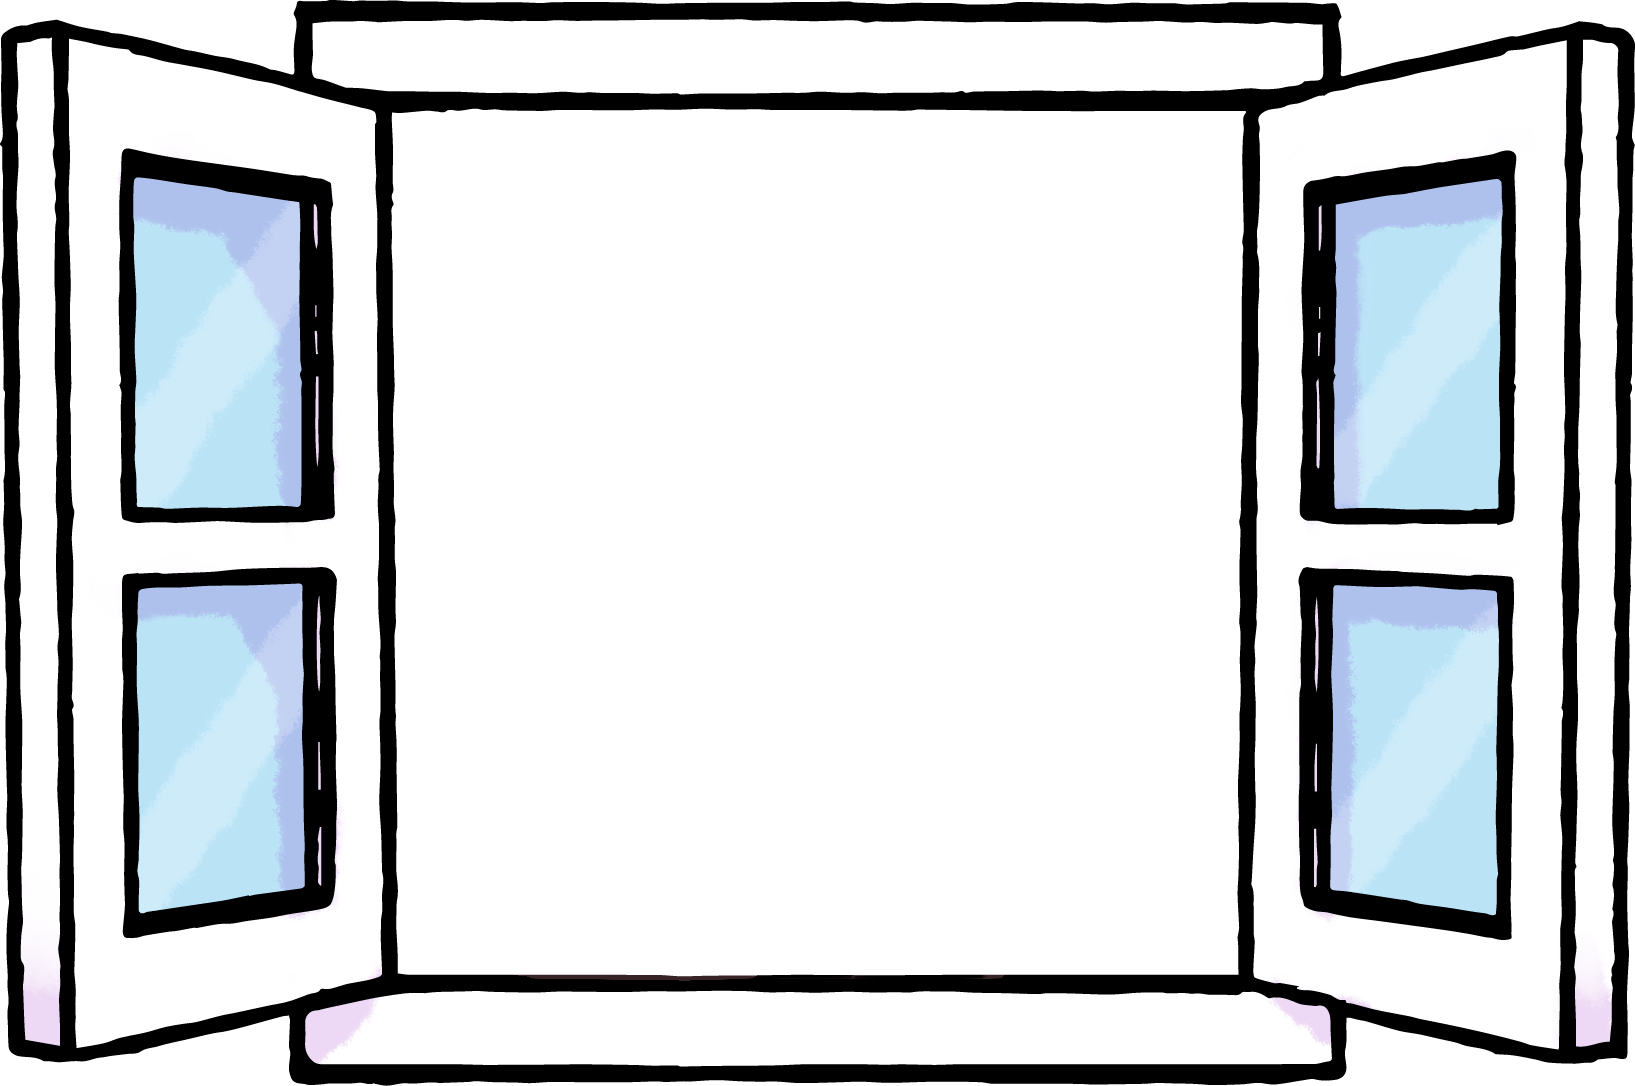 開いた窓のフレームイラスト素材・中透過 | かわいい無料イラスト素材